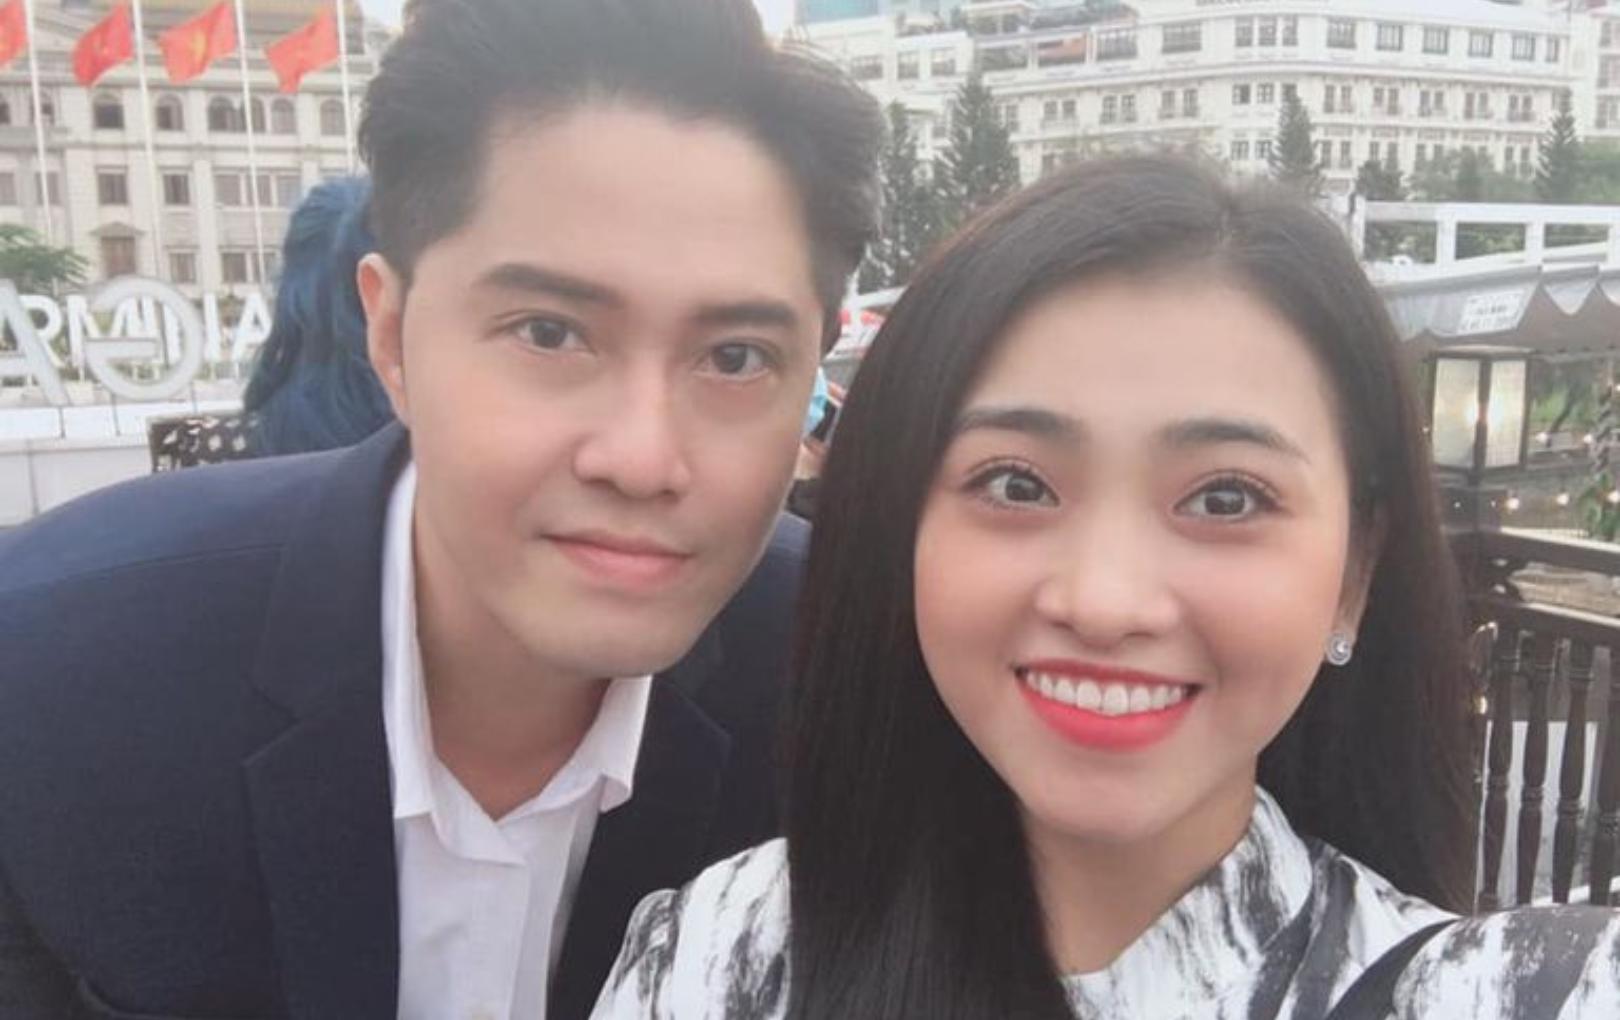 Phẫn nộ việc điện thoại của cố diễn viên Hải Đăng bị gọi quấy rối sau tang lễ, vợ sắp cưới quyết nhờ công an vào cuộc-2